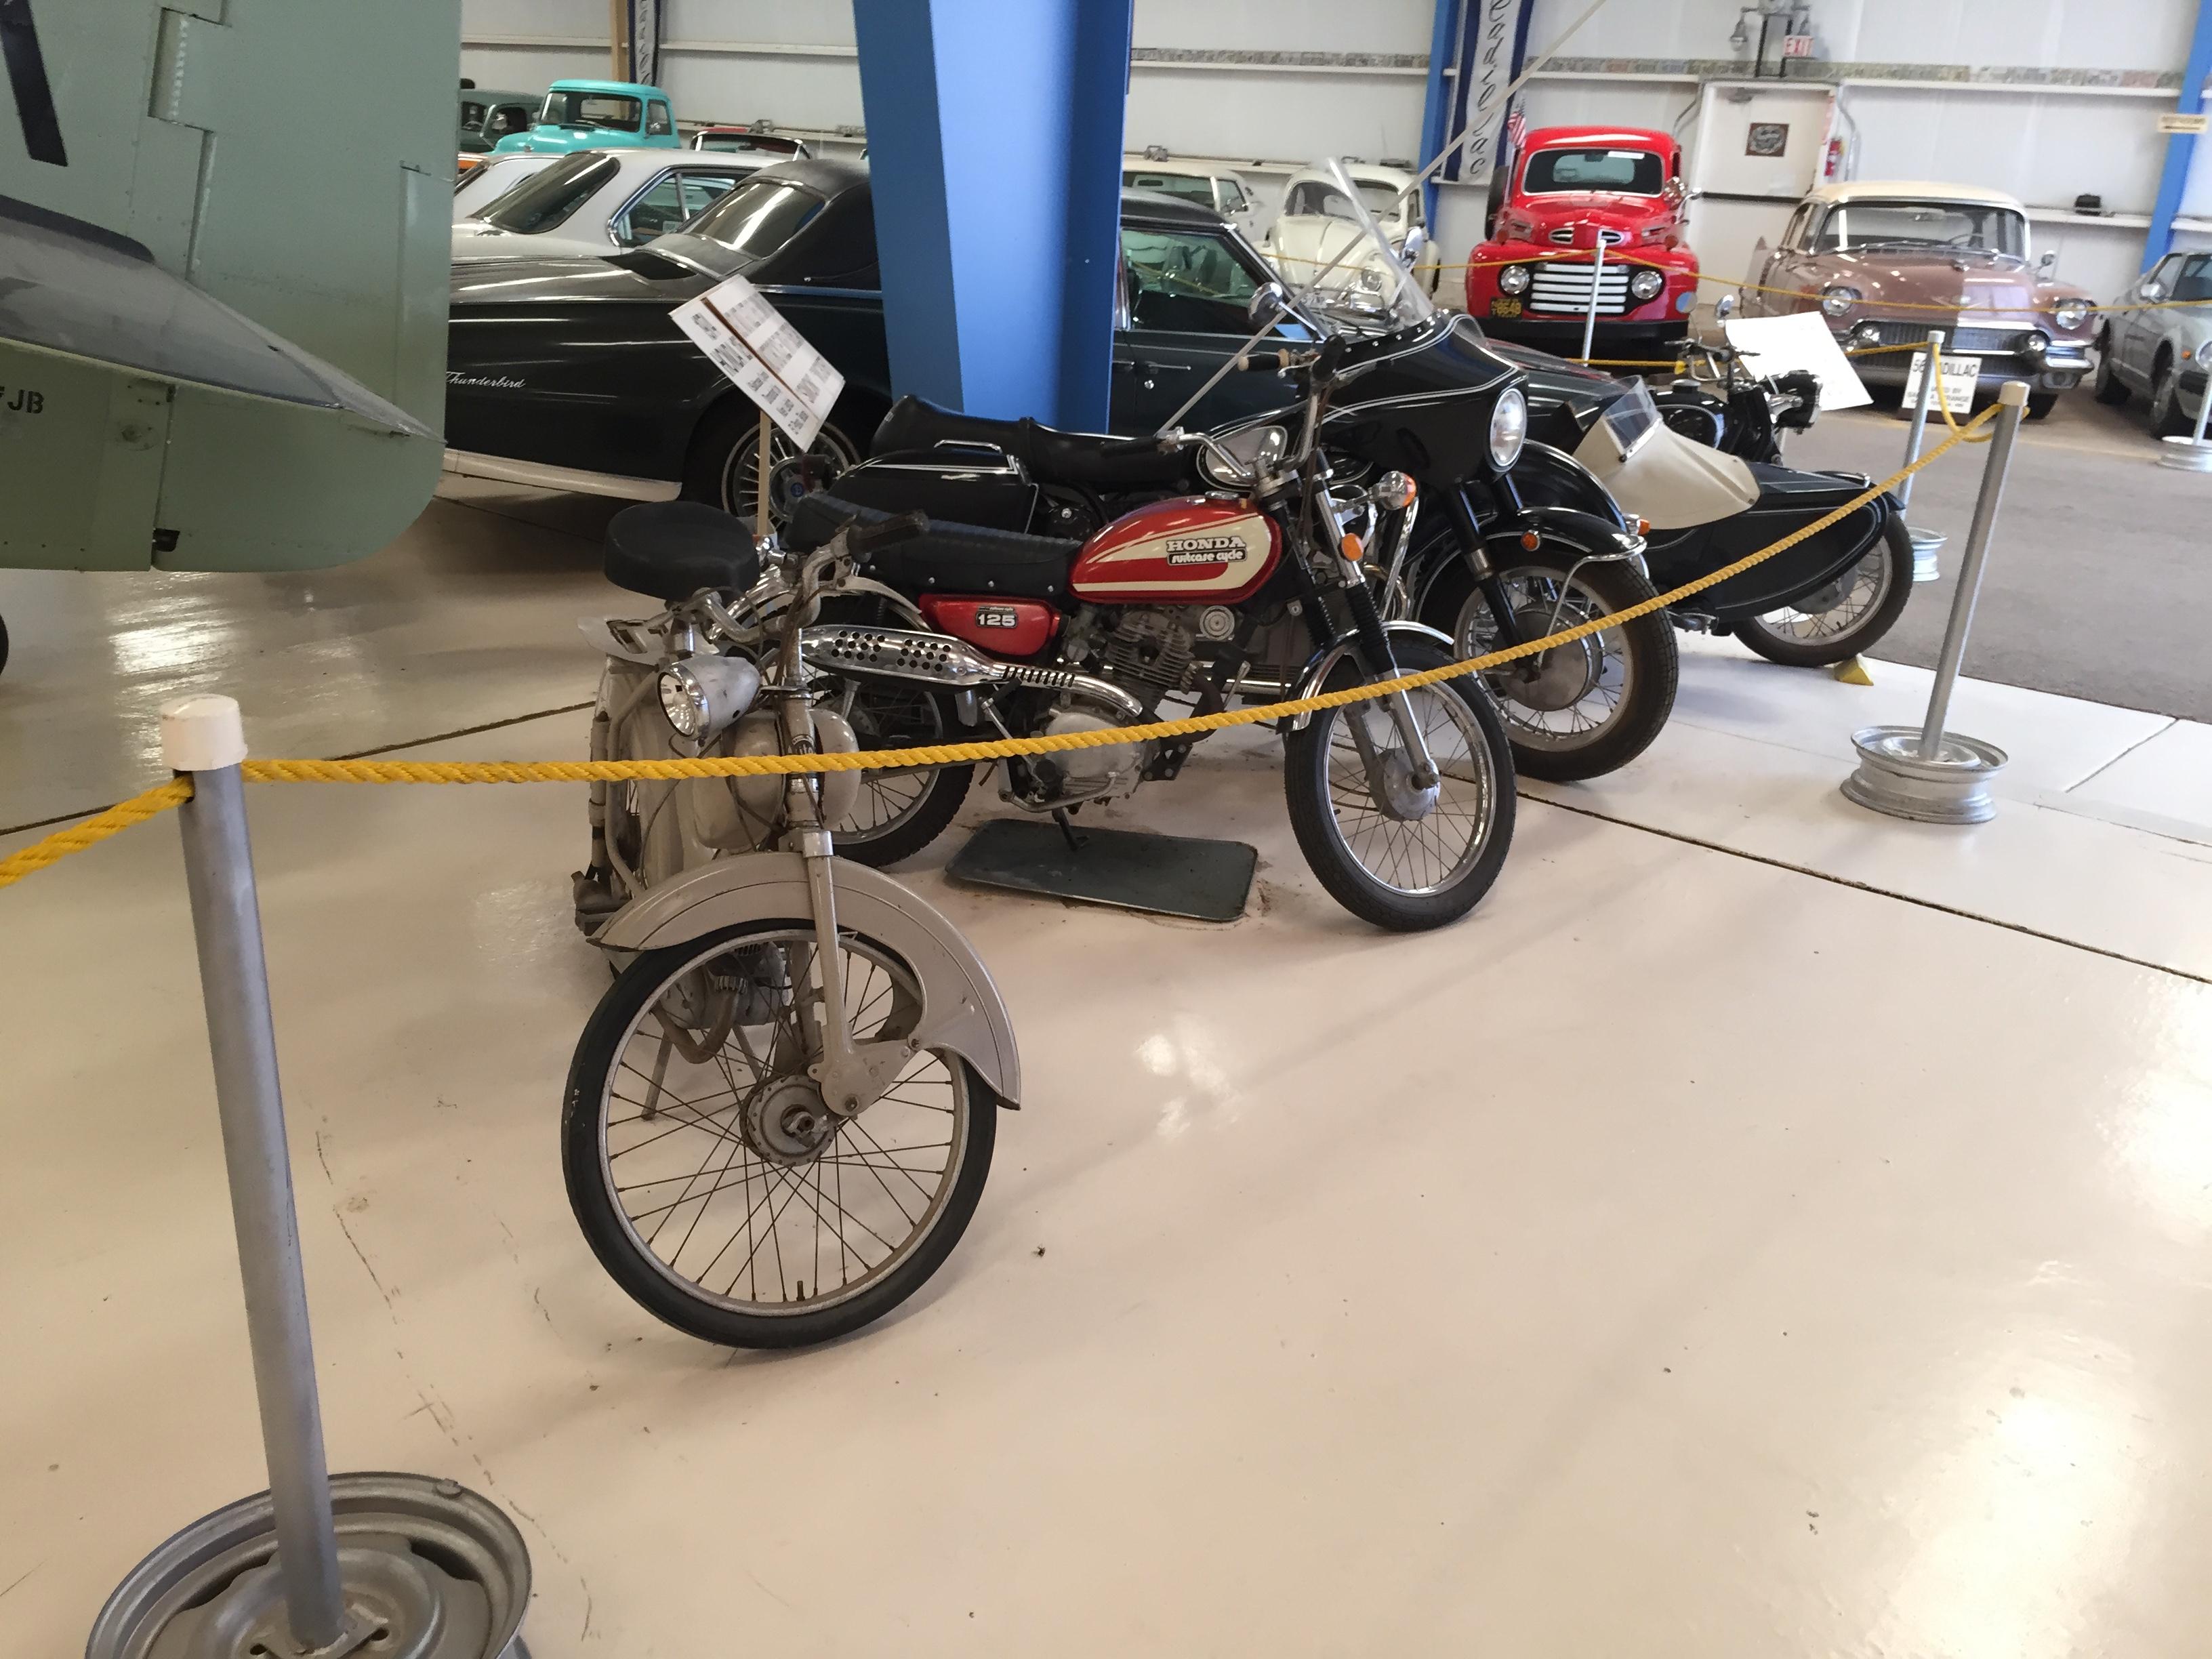 Vintage motorcycles!